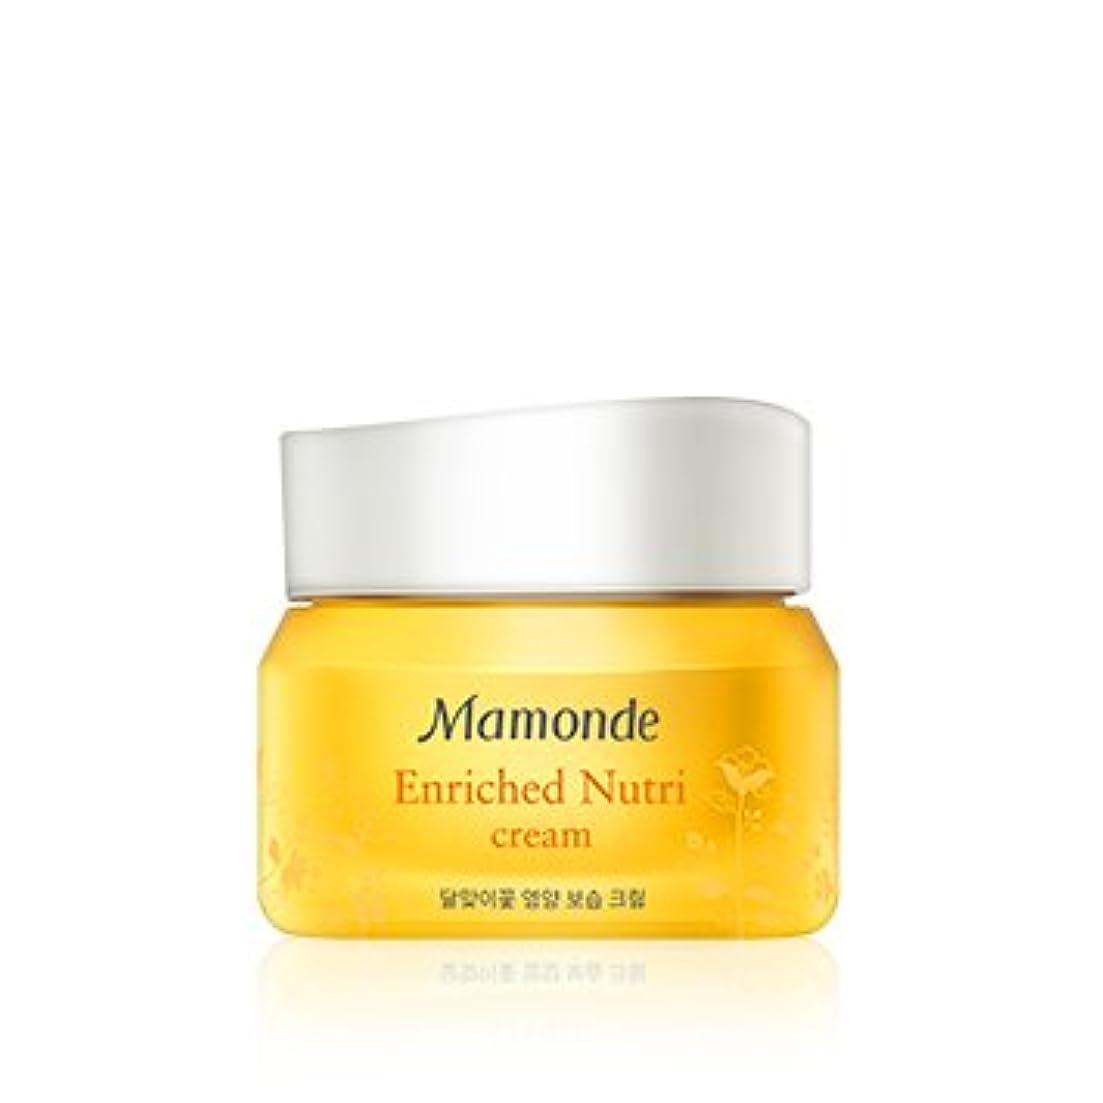 吹雪ワットうがい薬[New] Mamonde Enriched Nutri Cream 50ml/マモンド エンリッチド ニュートリ クリーム 50ml [並行輸入品]